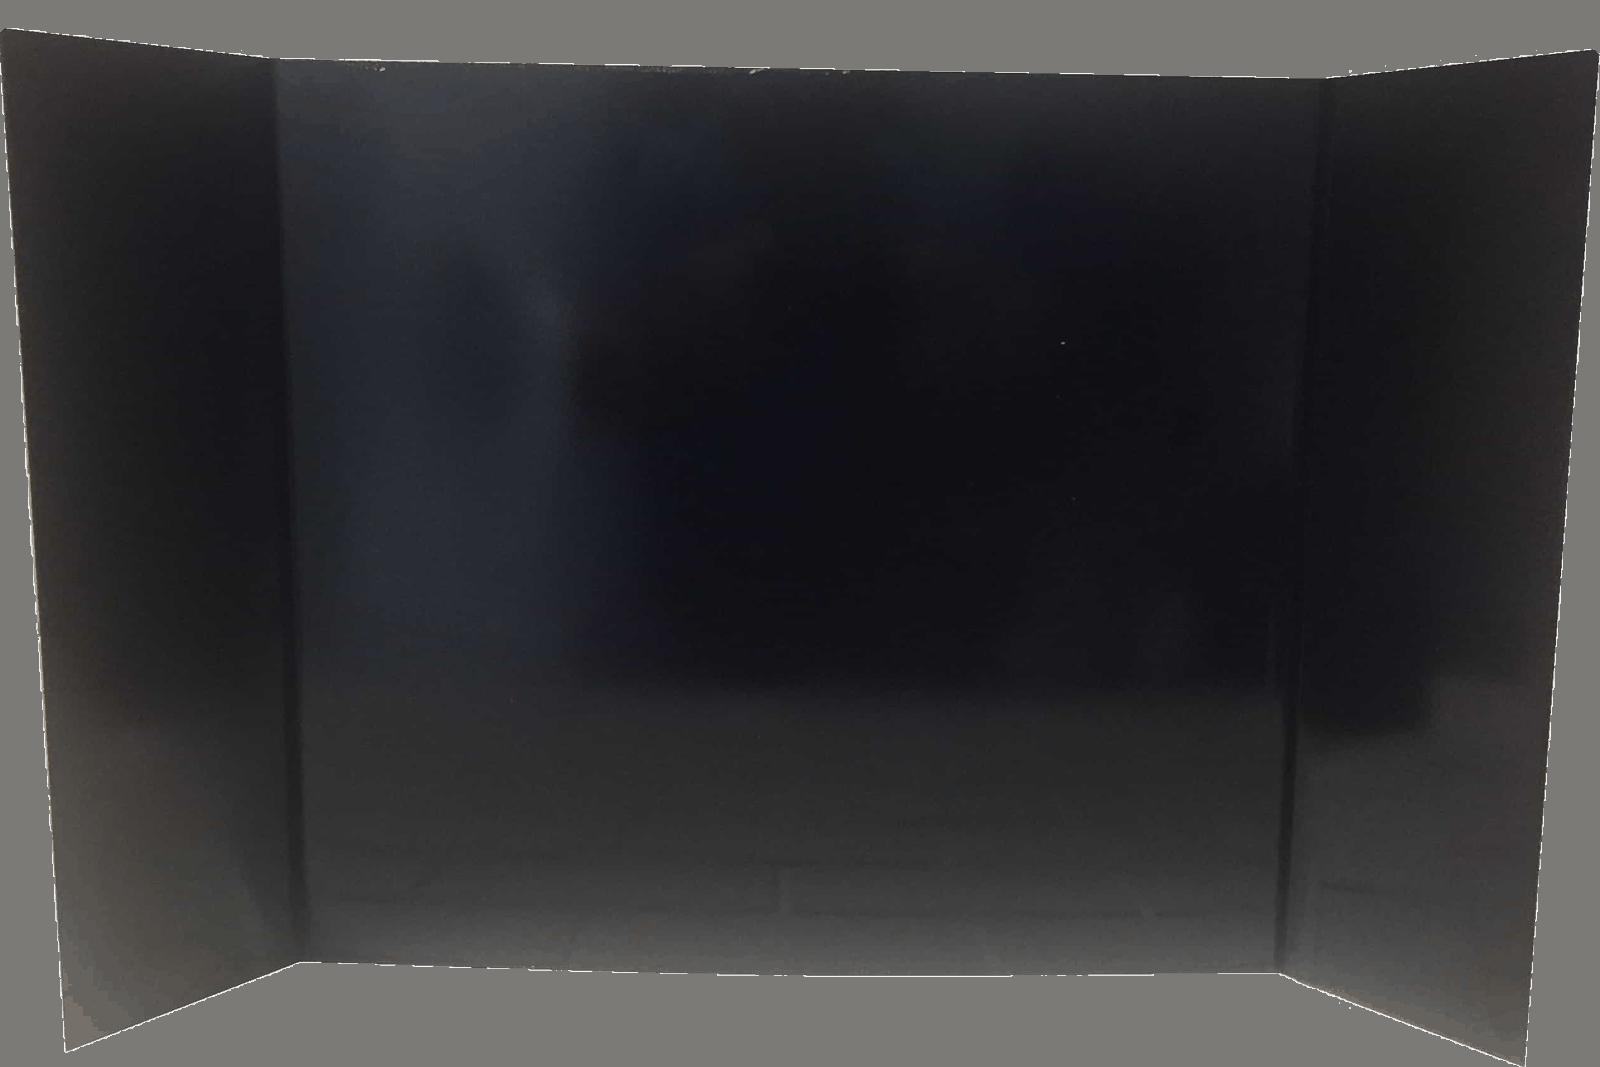 Black Reflector Shield Picture